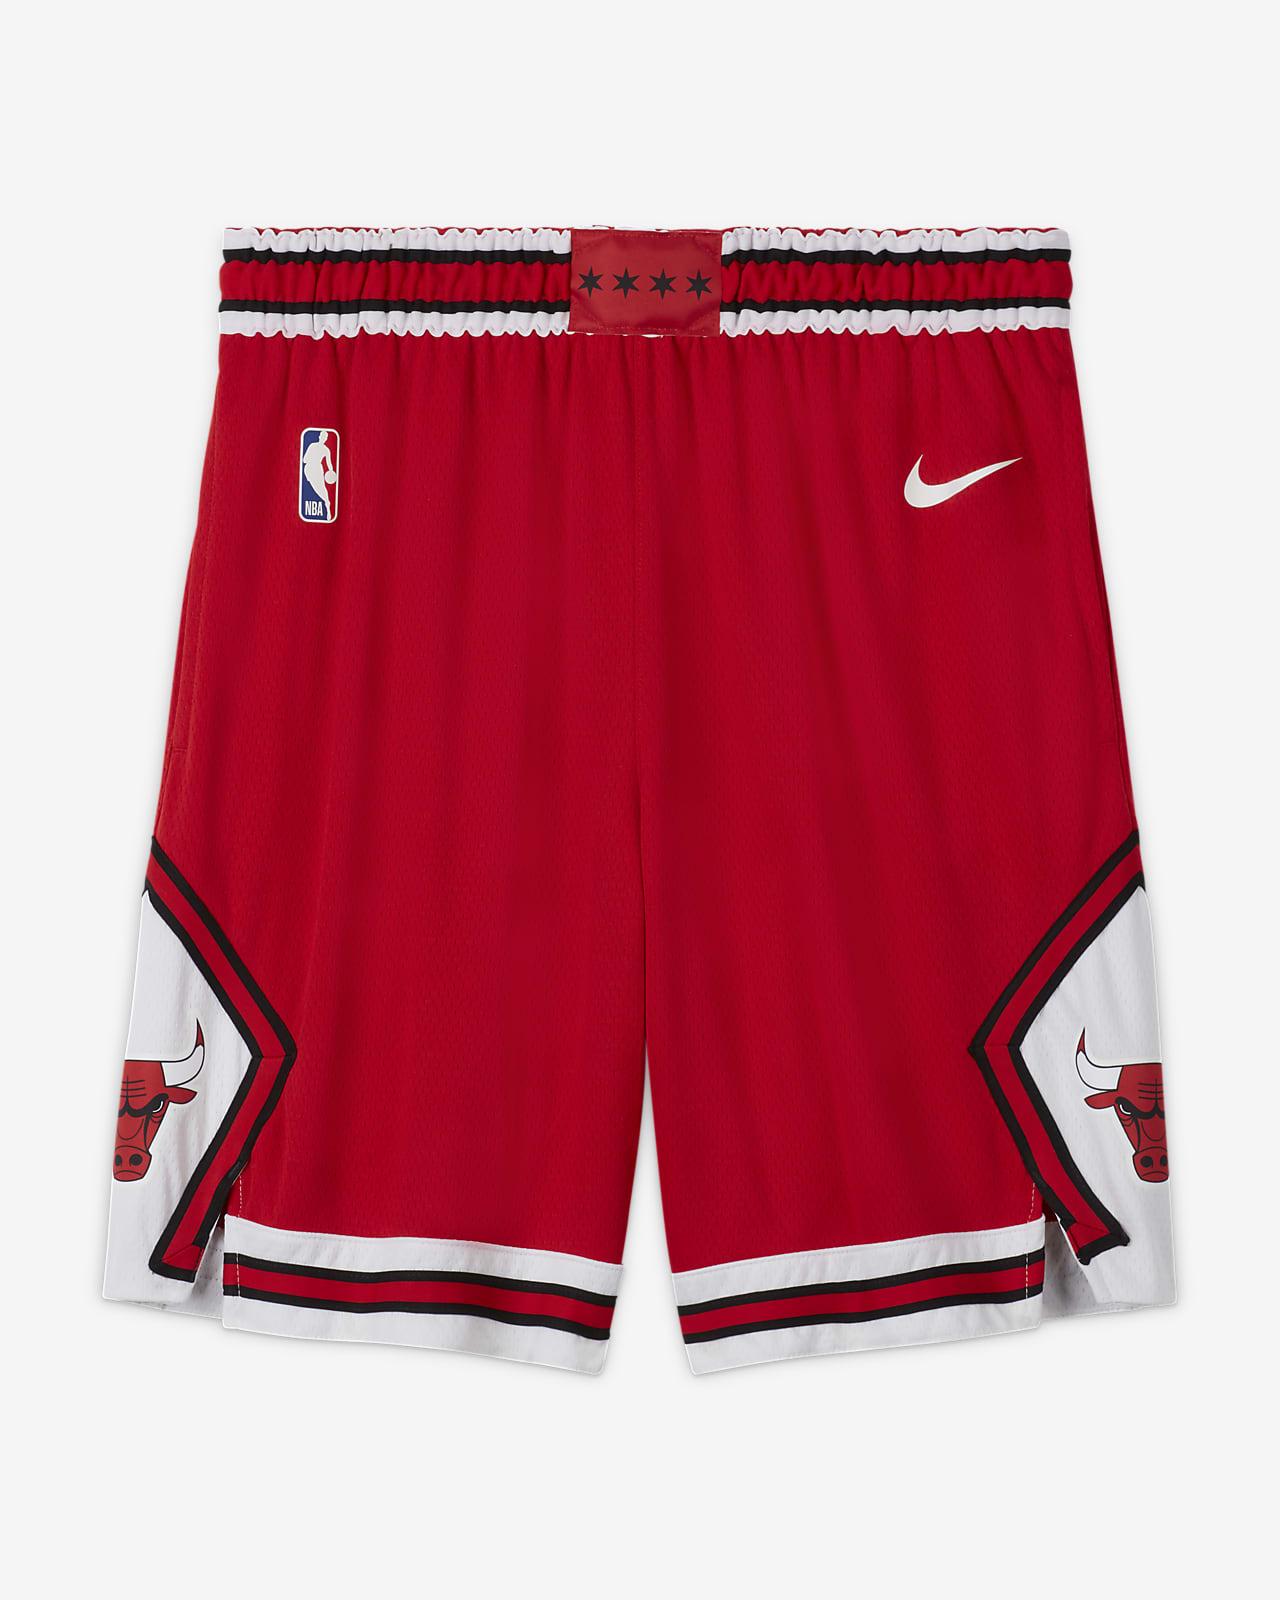 Chicago Bulls Icon Edition Pantalón corto Nike NBA Swingman - Hombre